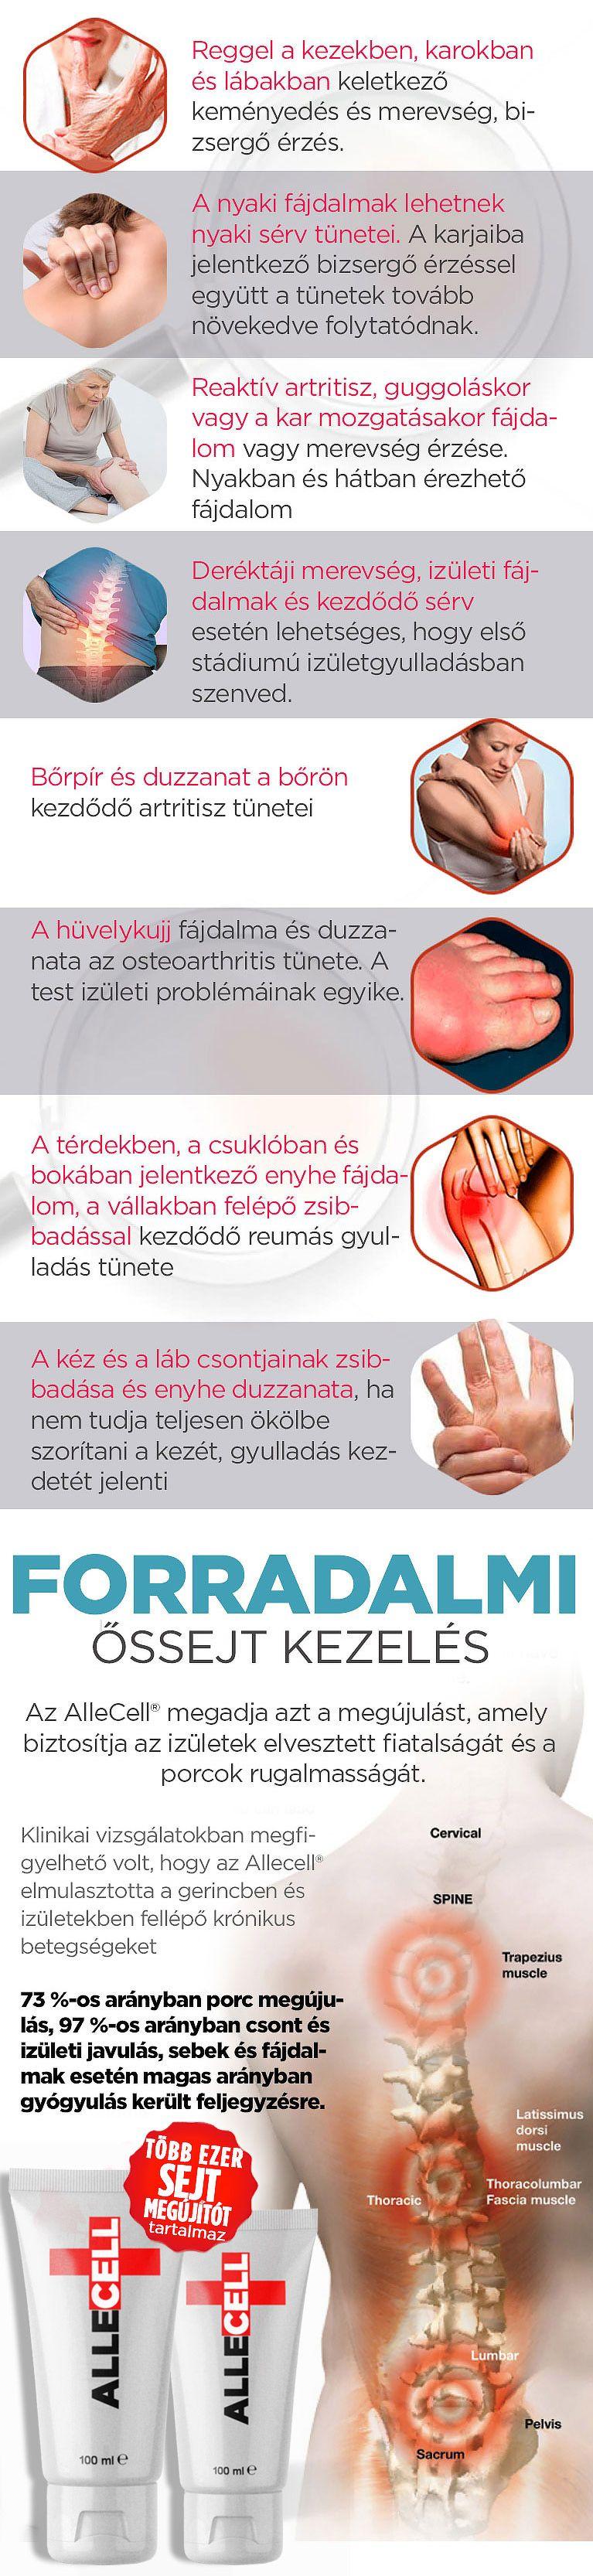 ízületi láb gyógyul valerian tinktúra ízületi fájdalmak kezelésére